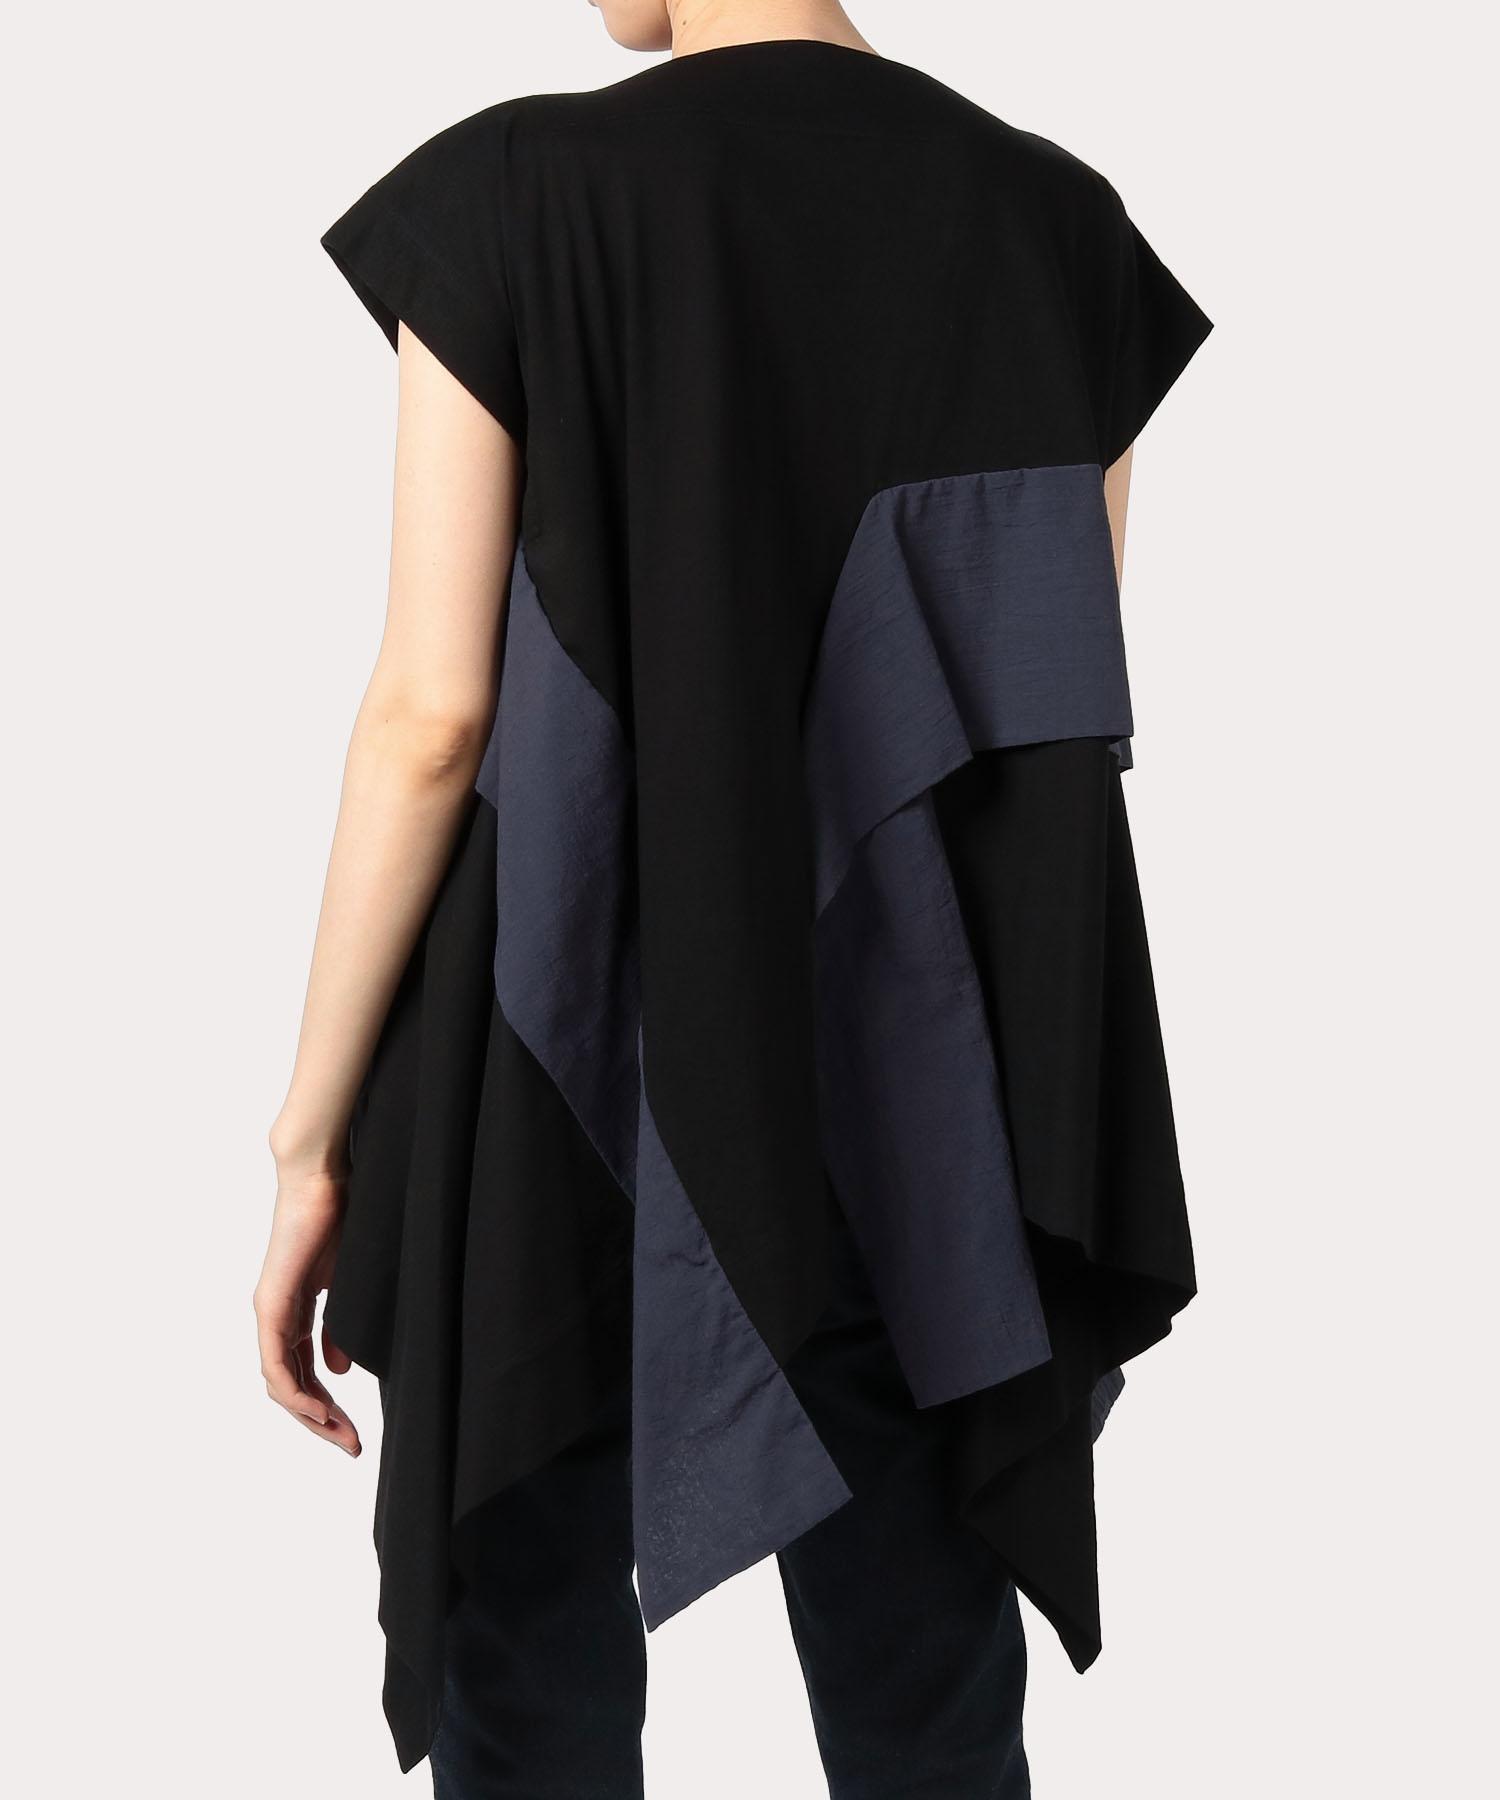 レクタングルブロッキング Tシャツ